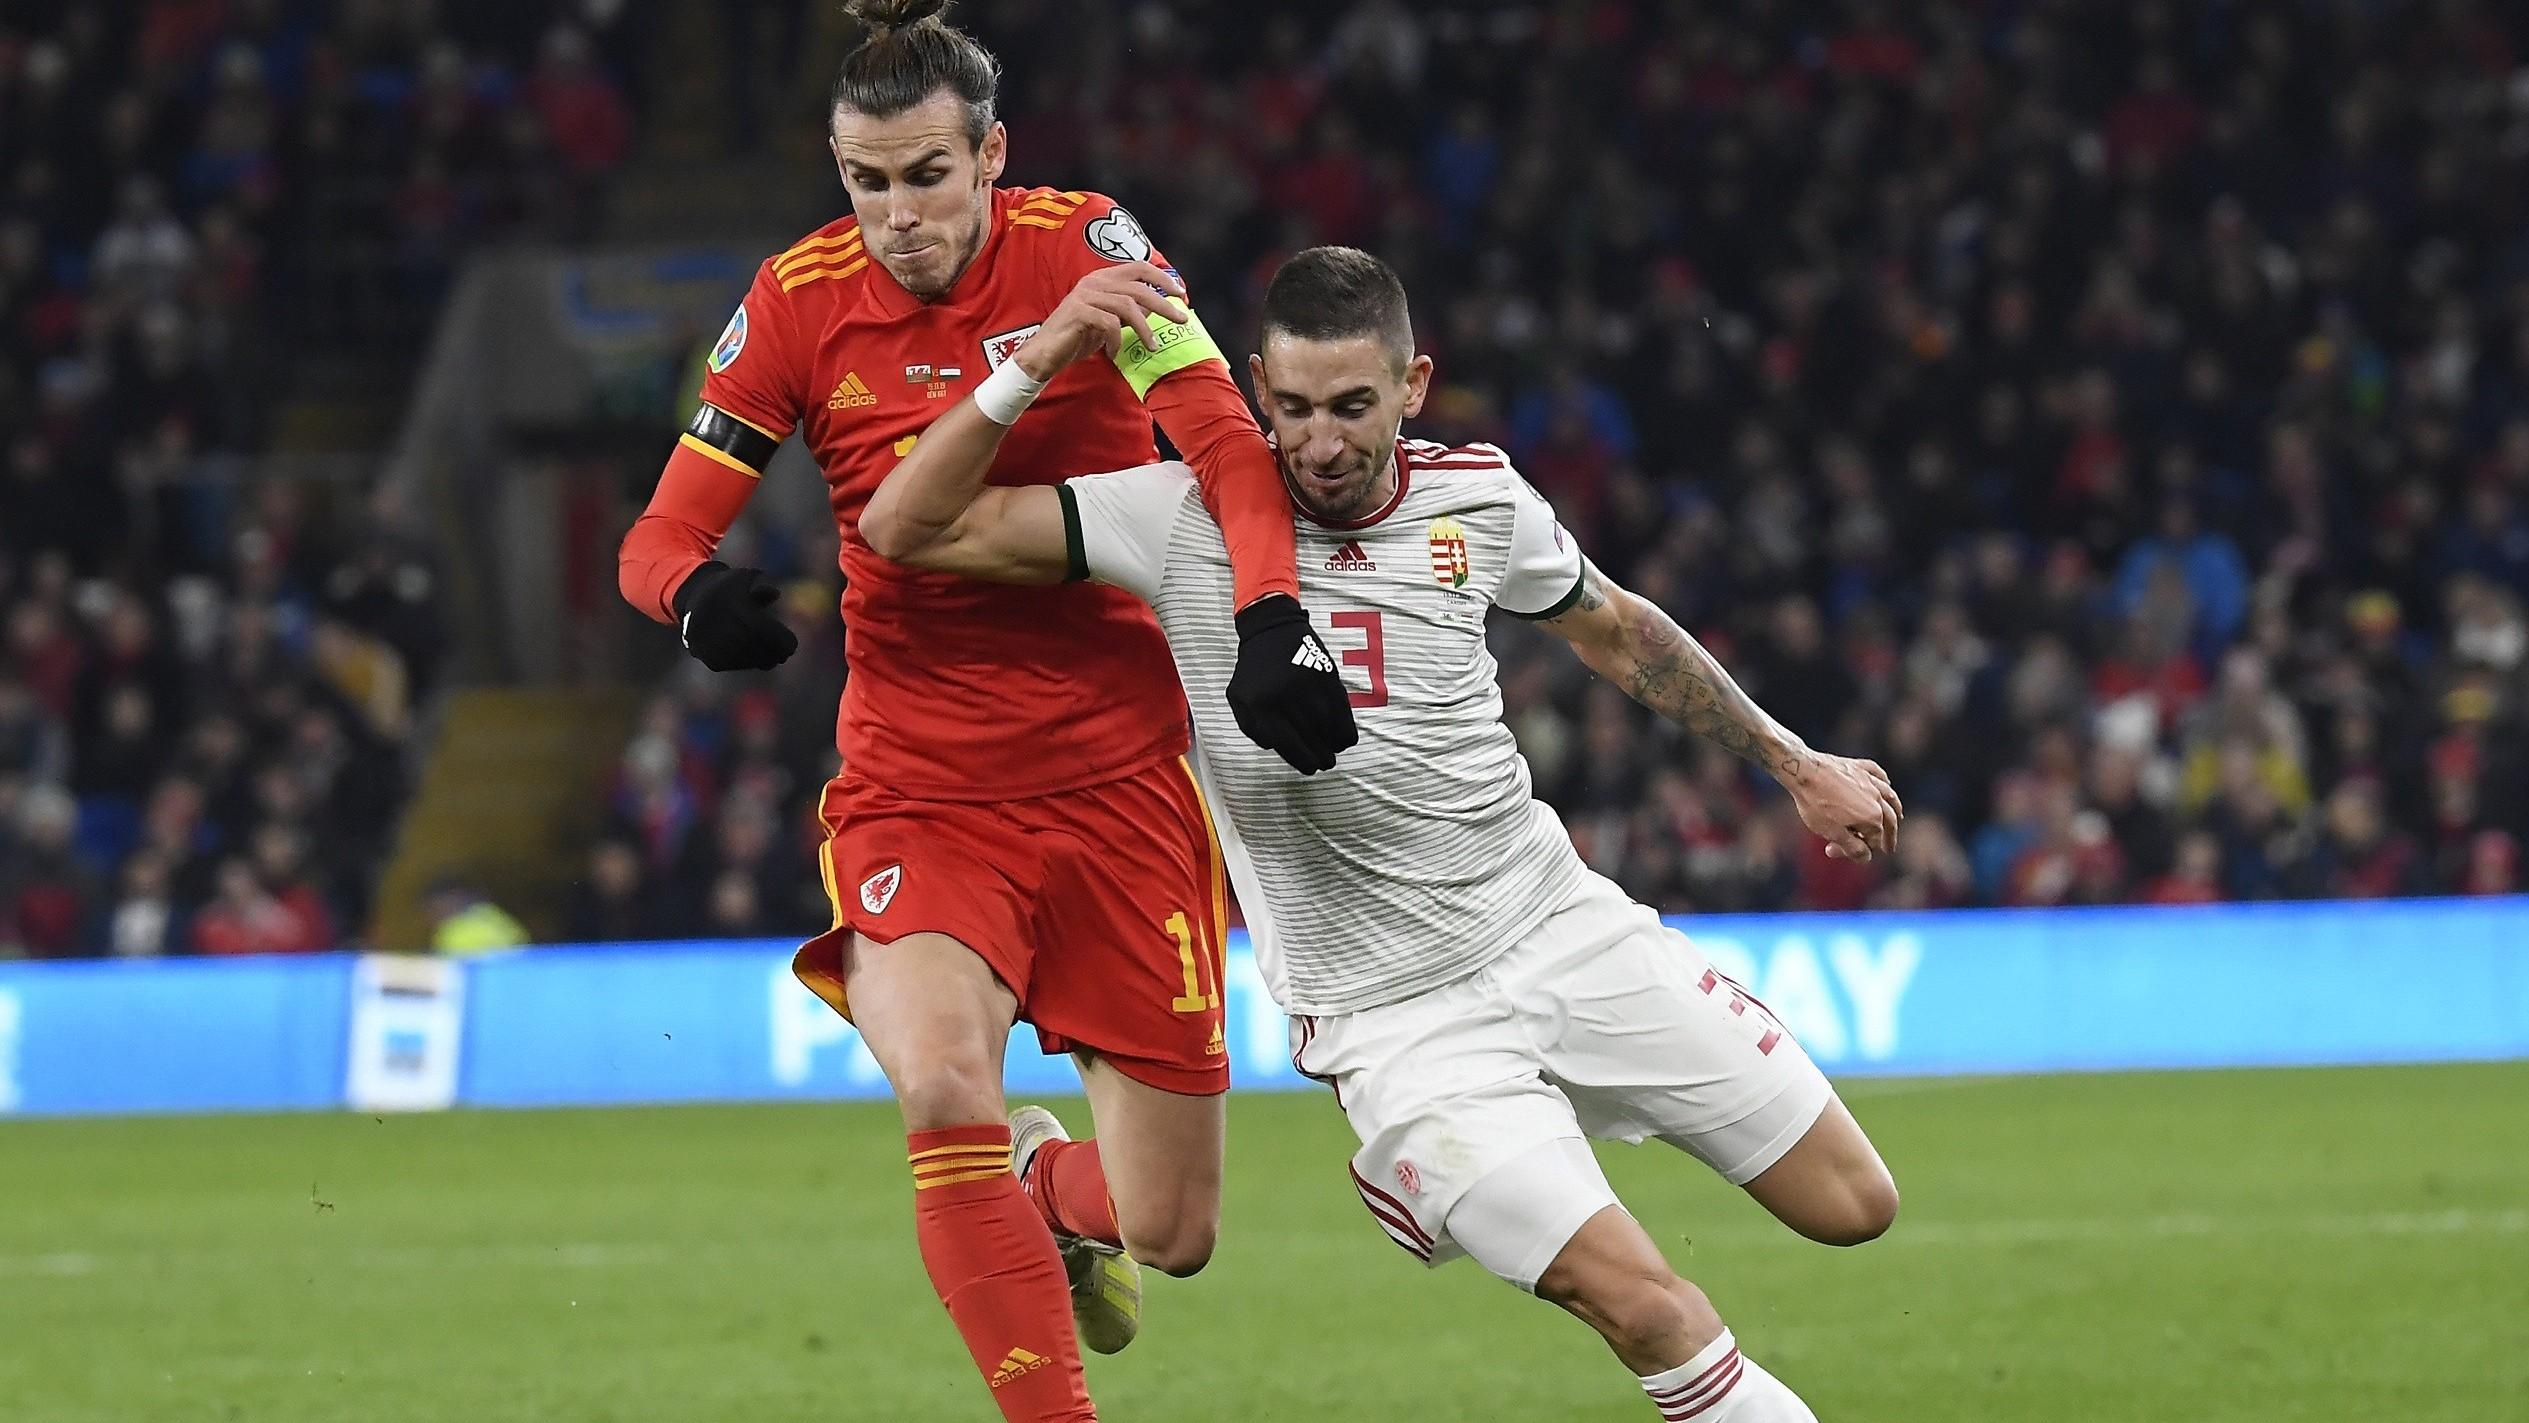 Vereség Wales ellen Cardiffban